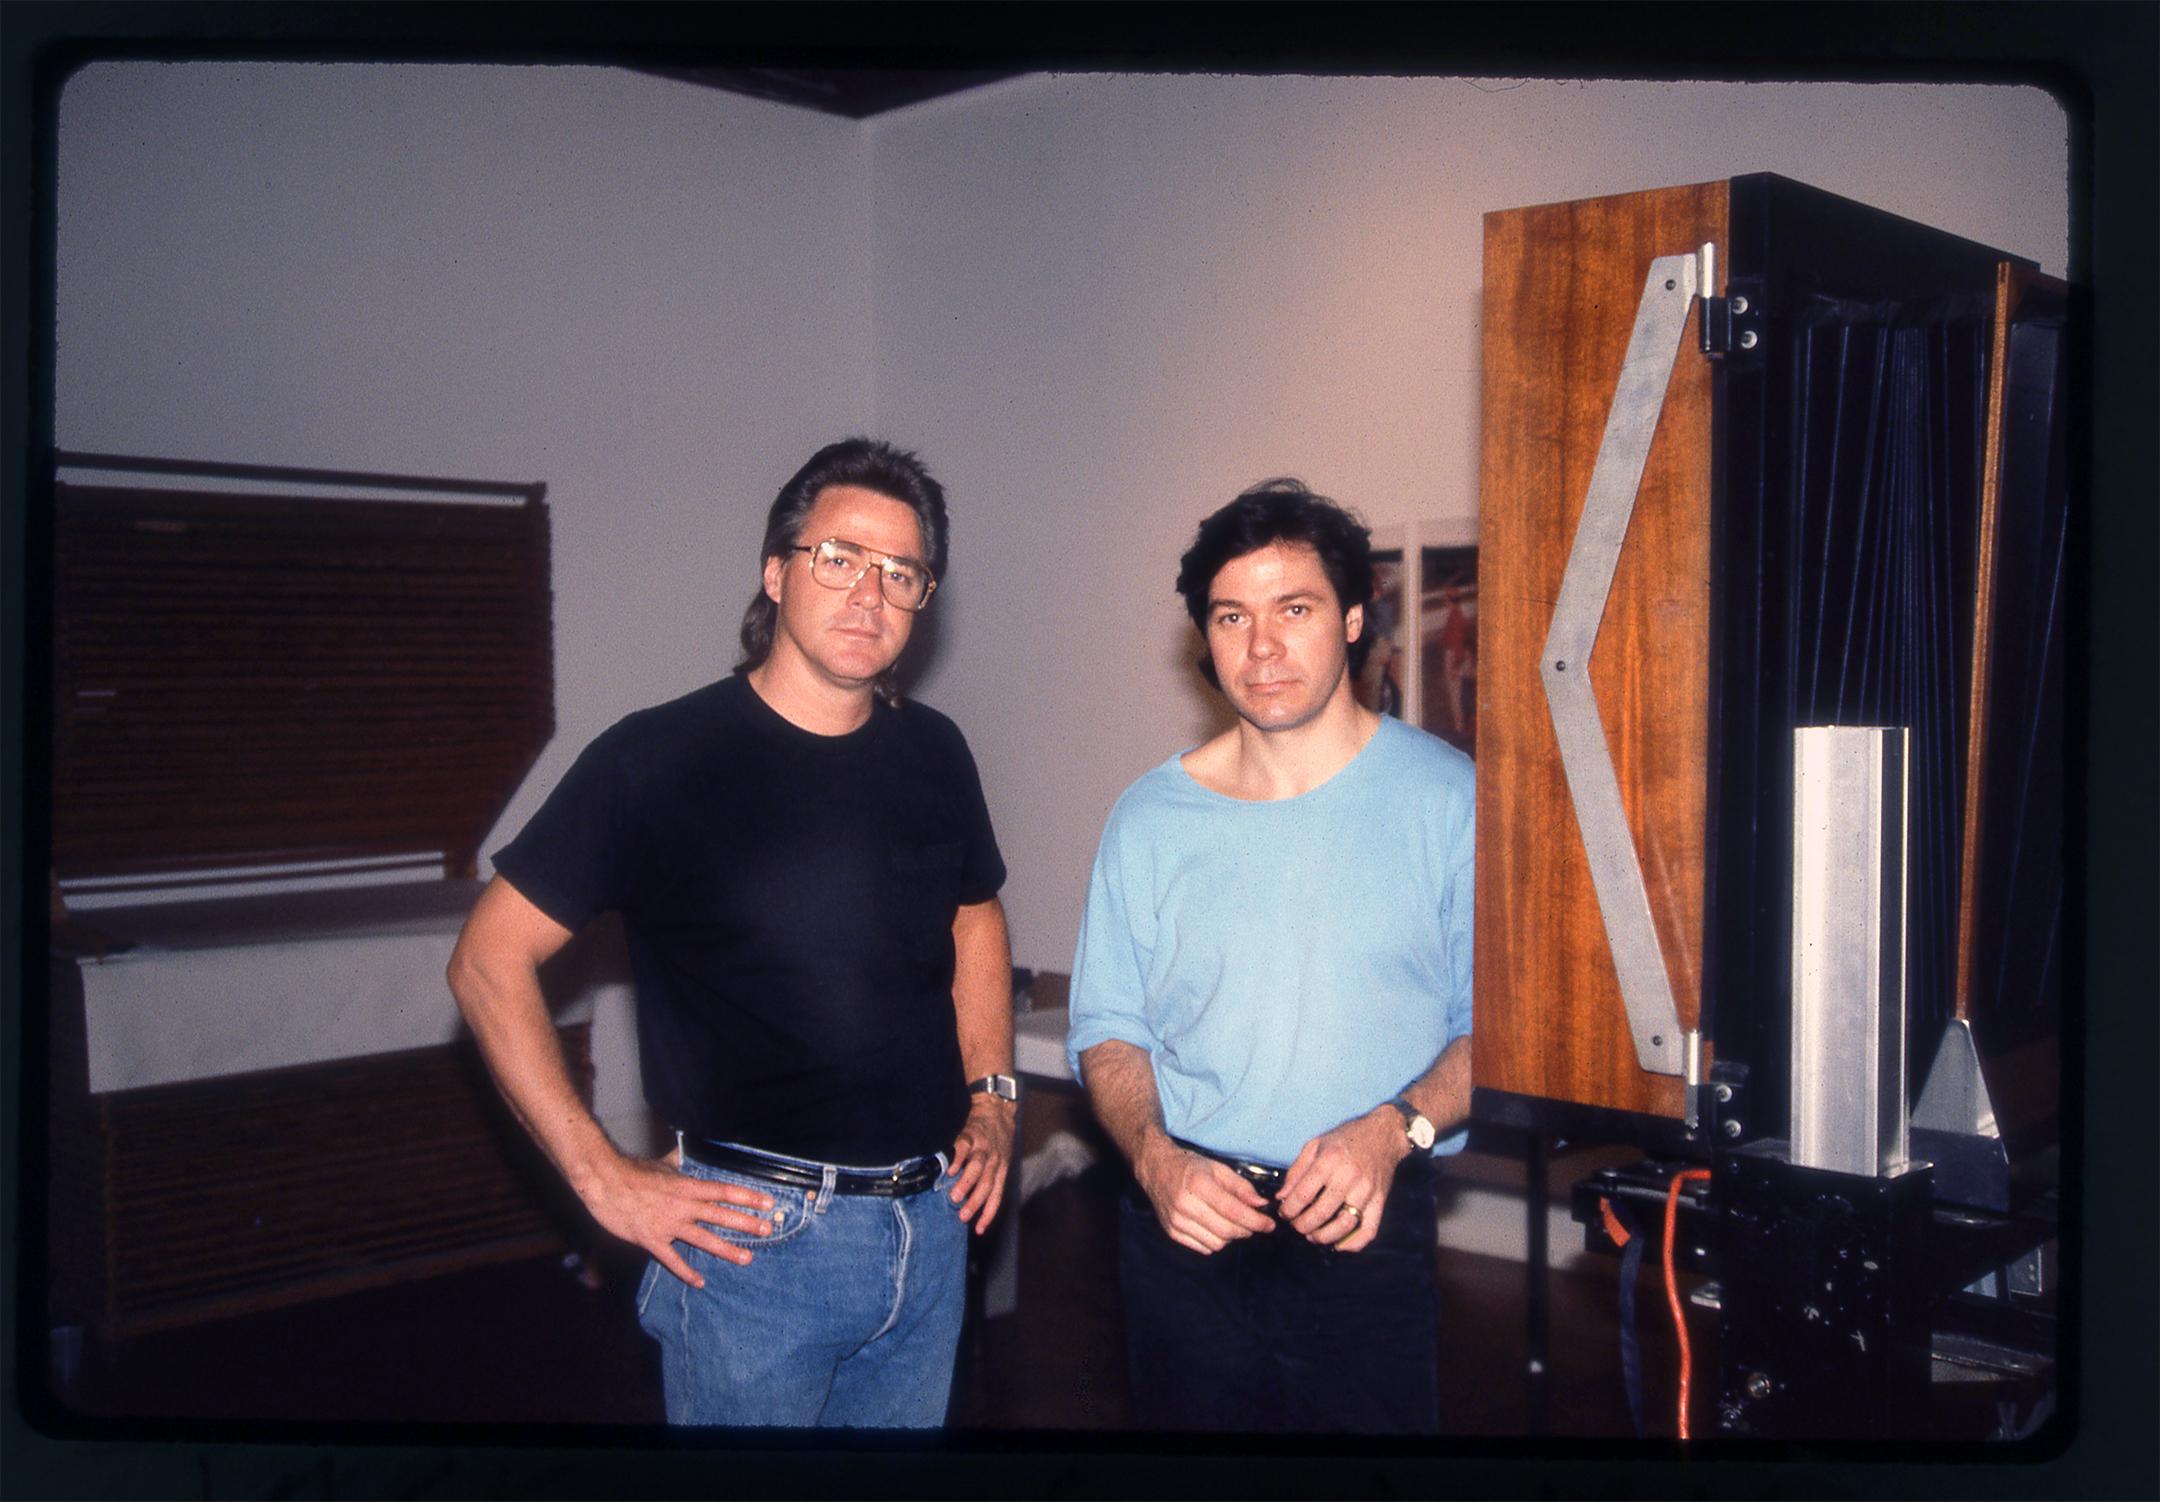 Jack Butler and John Reuter, Polaroid 20x24 Camera